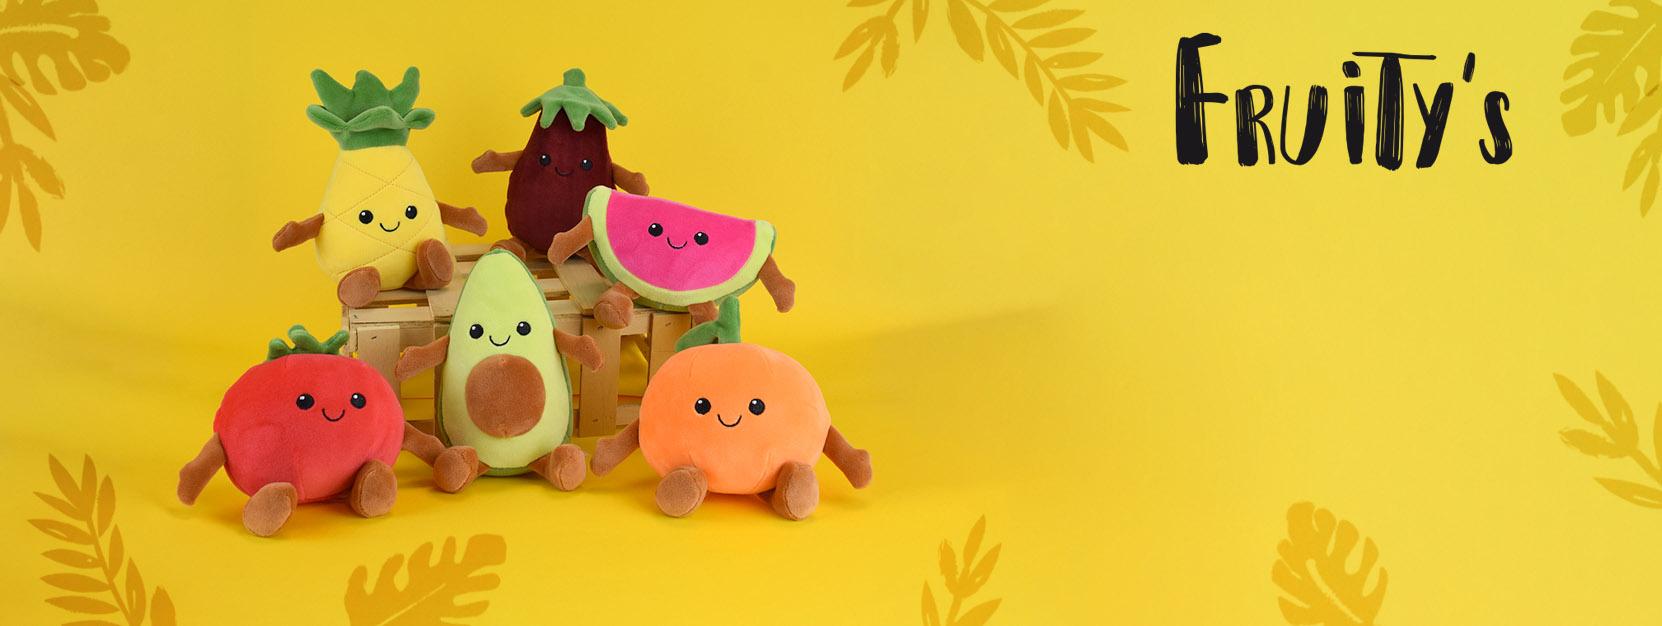 slider-fruitys